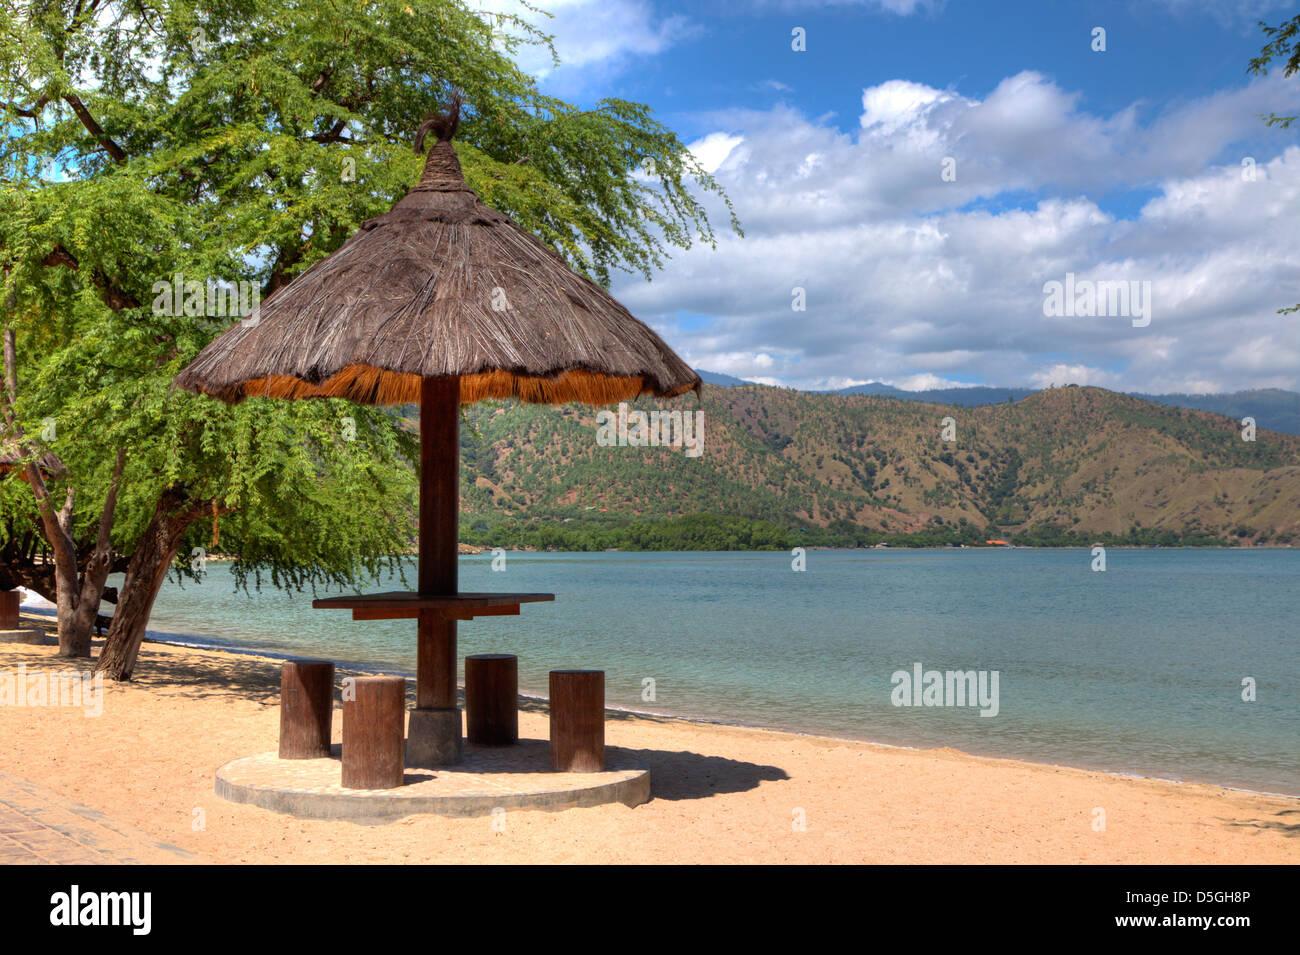 Feuilles naturelles couverts cabane sur une plage au Timor Leste dans HDR Banque D'Images